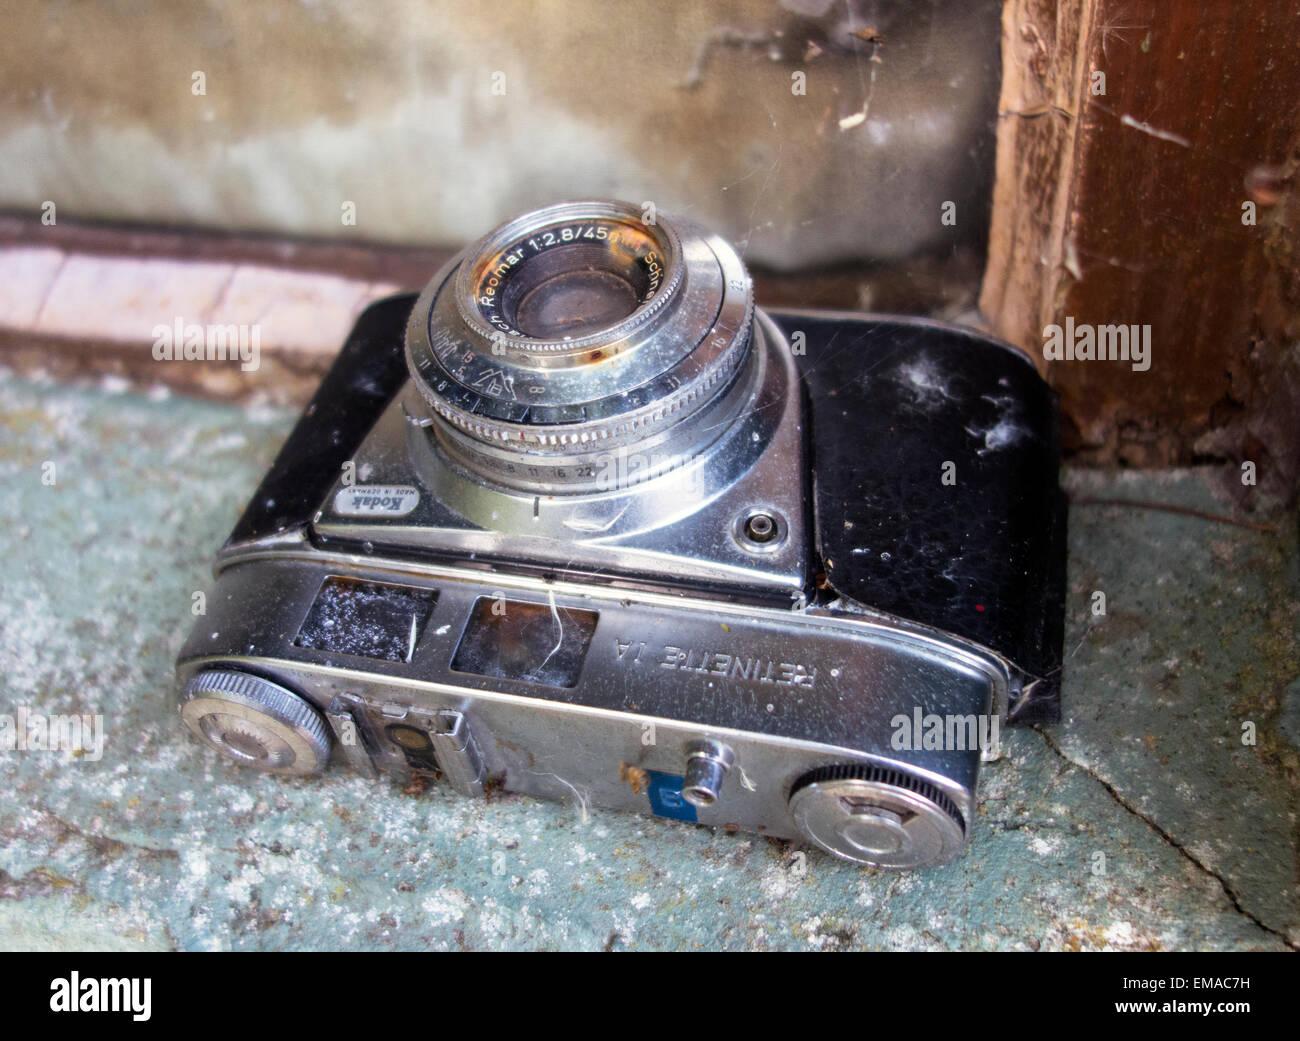 Un viejo y descuidado rusty Kodak Retinette cámara de 35mm Foto de stock